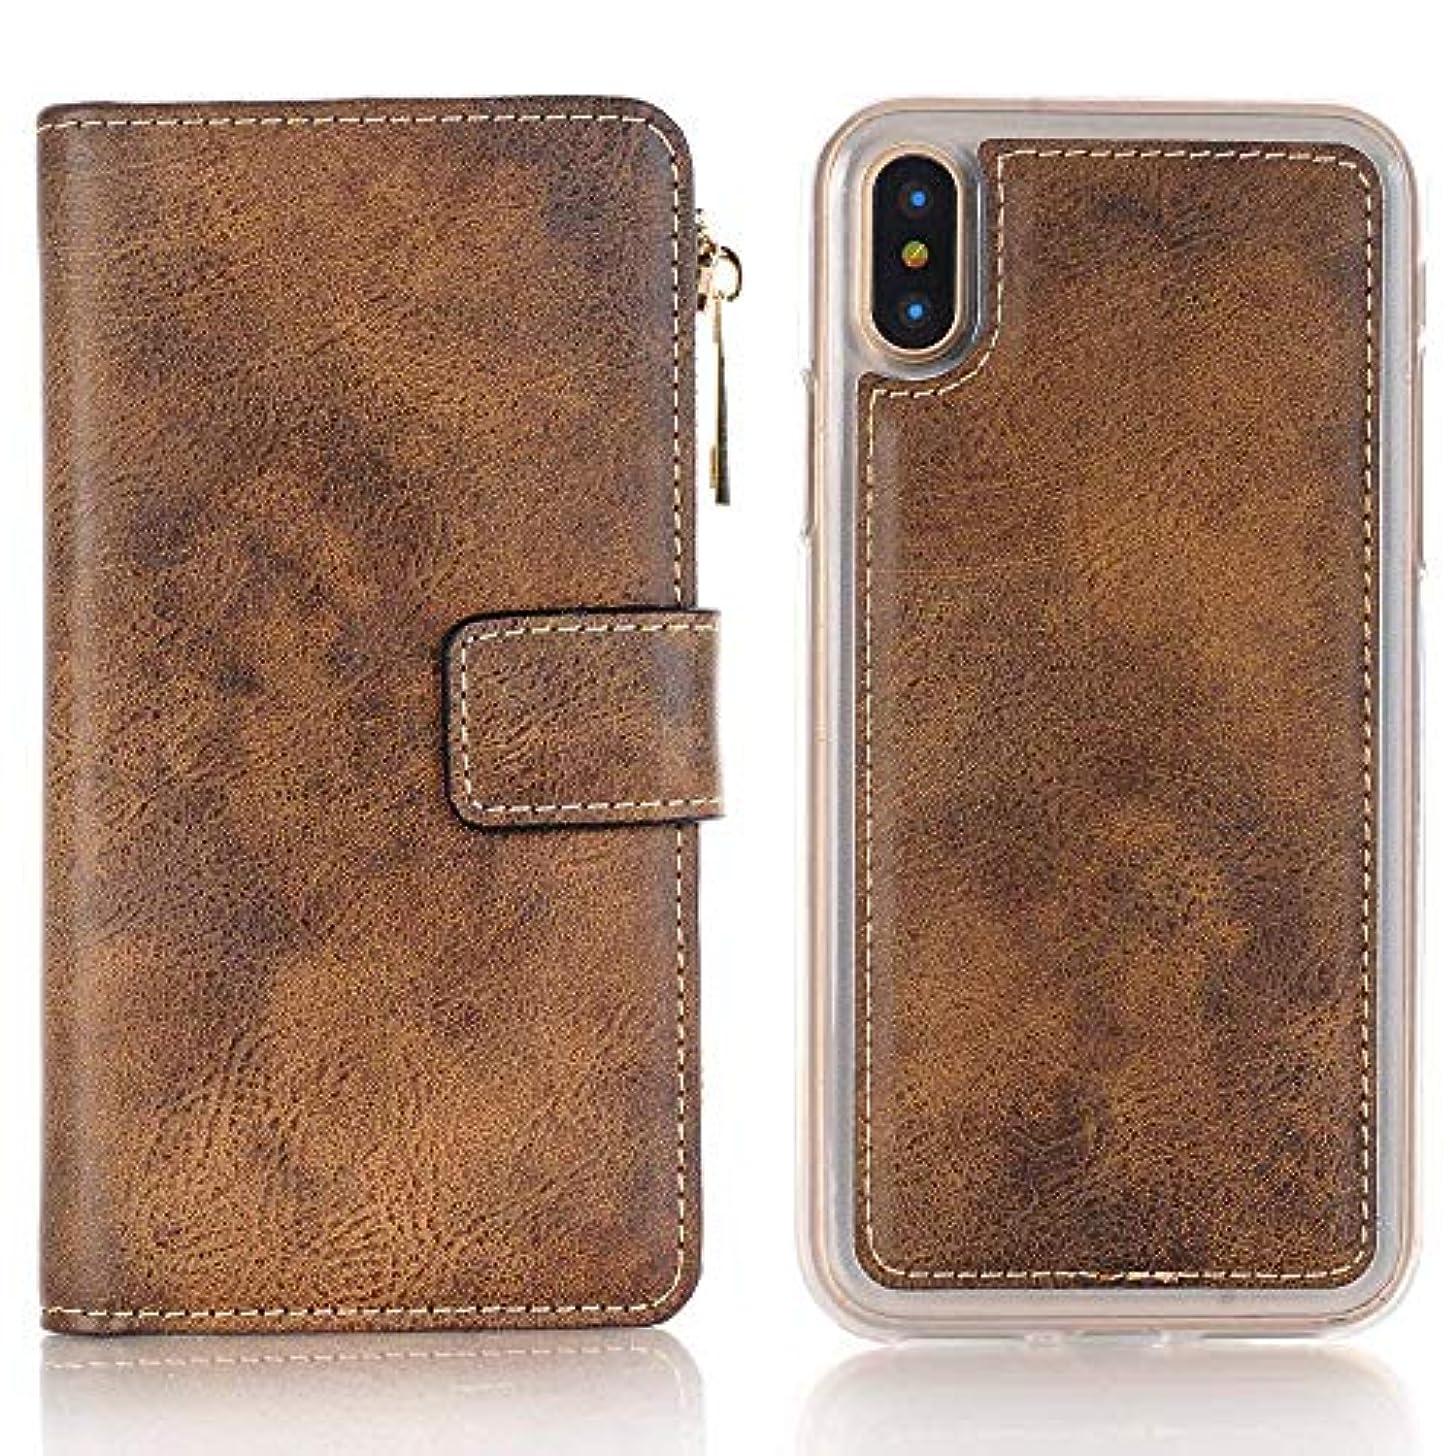 四分円パシフィック動脈iPhone ケース 手帳型 INorton 全面保護カバー 耐衝撃 レンズ保護 カード収納 分離式 高品質レザー シリコン 軽量 マグネット式